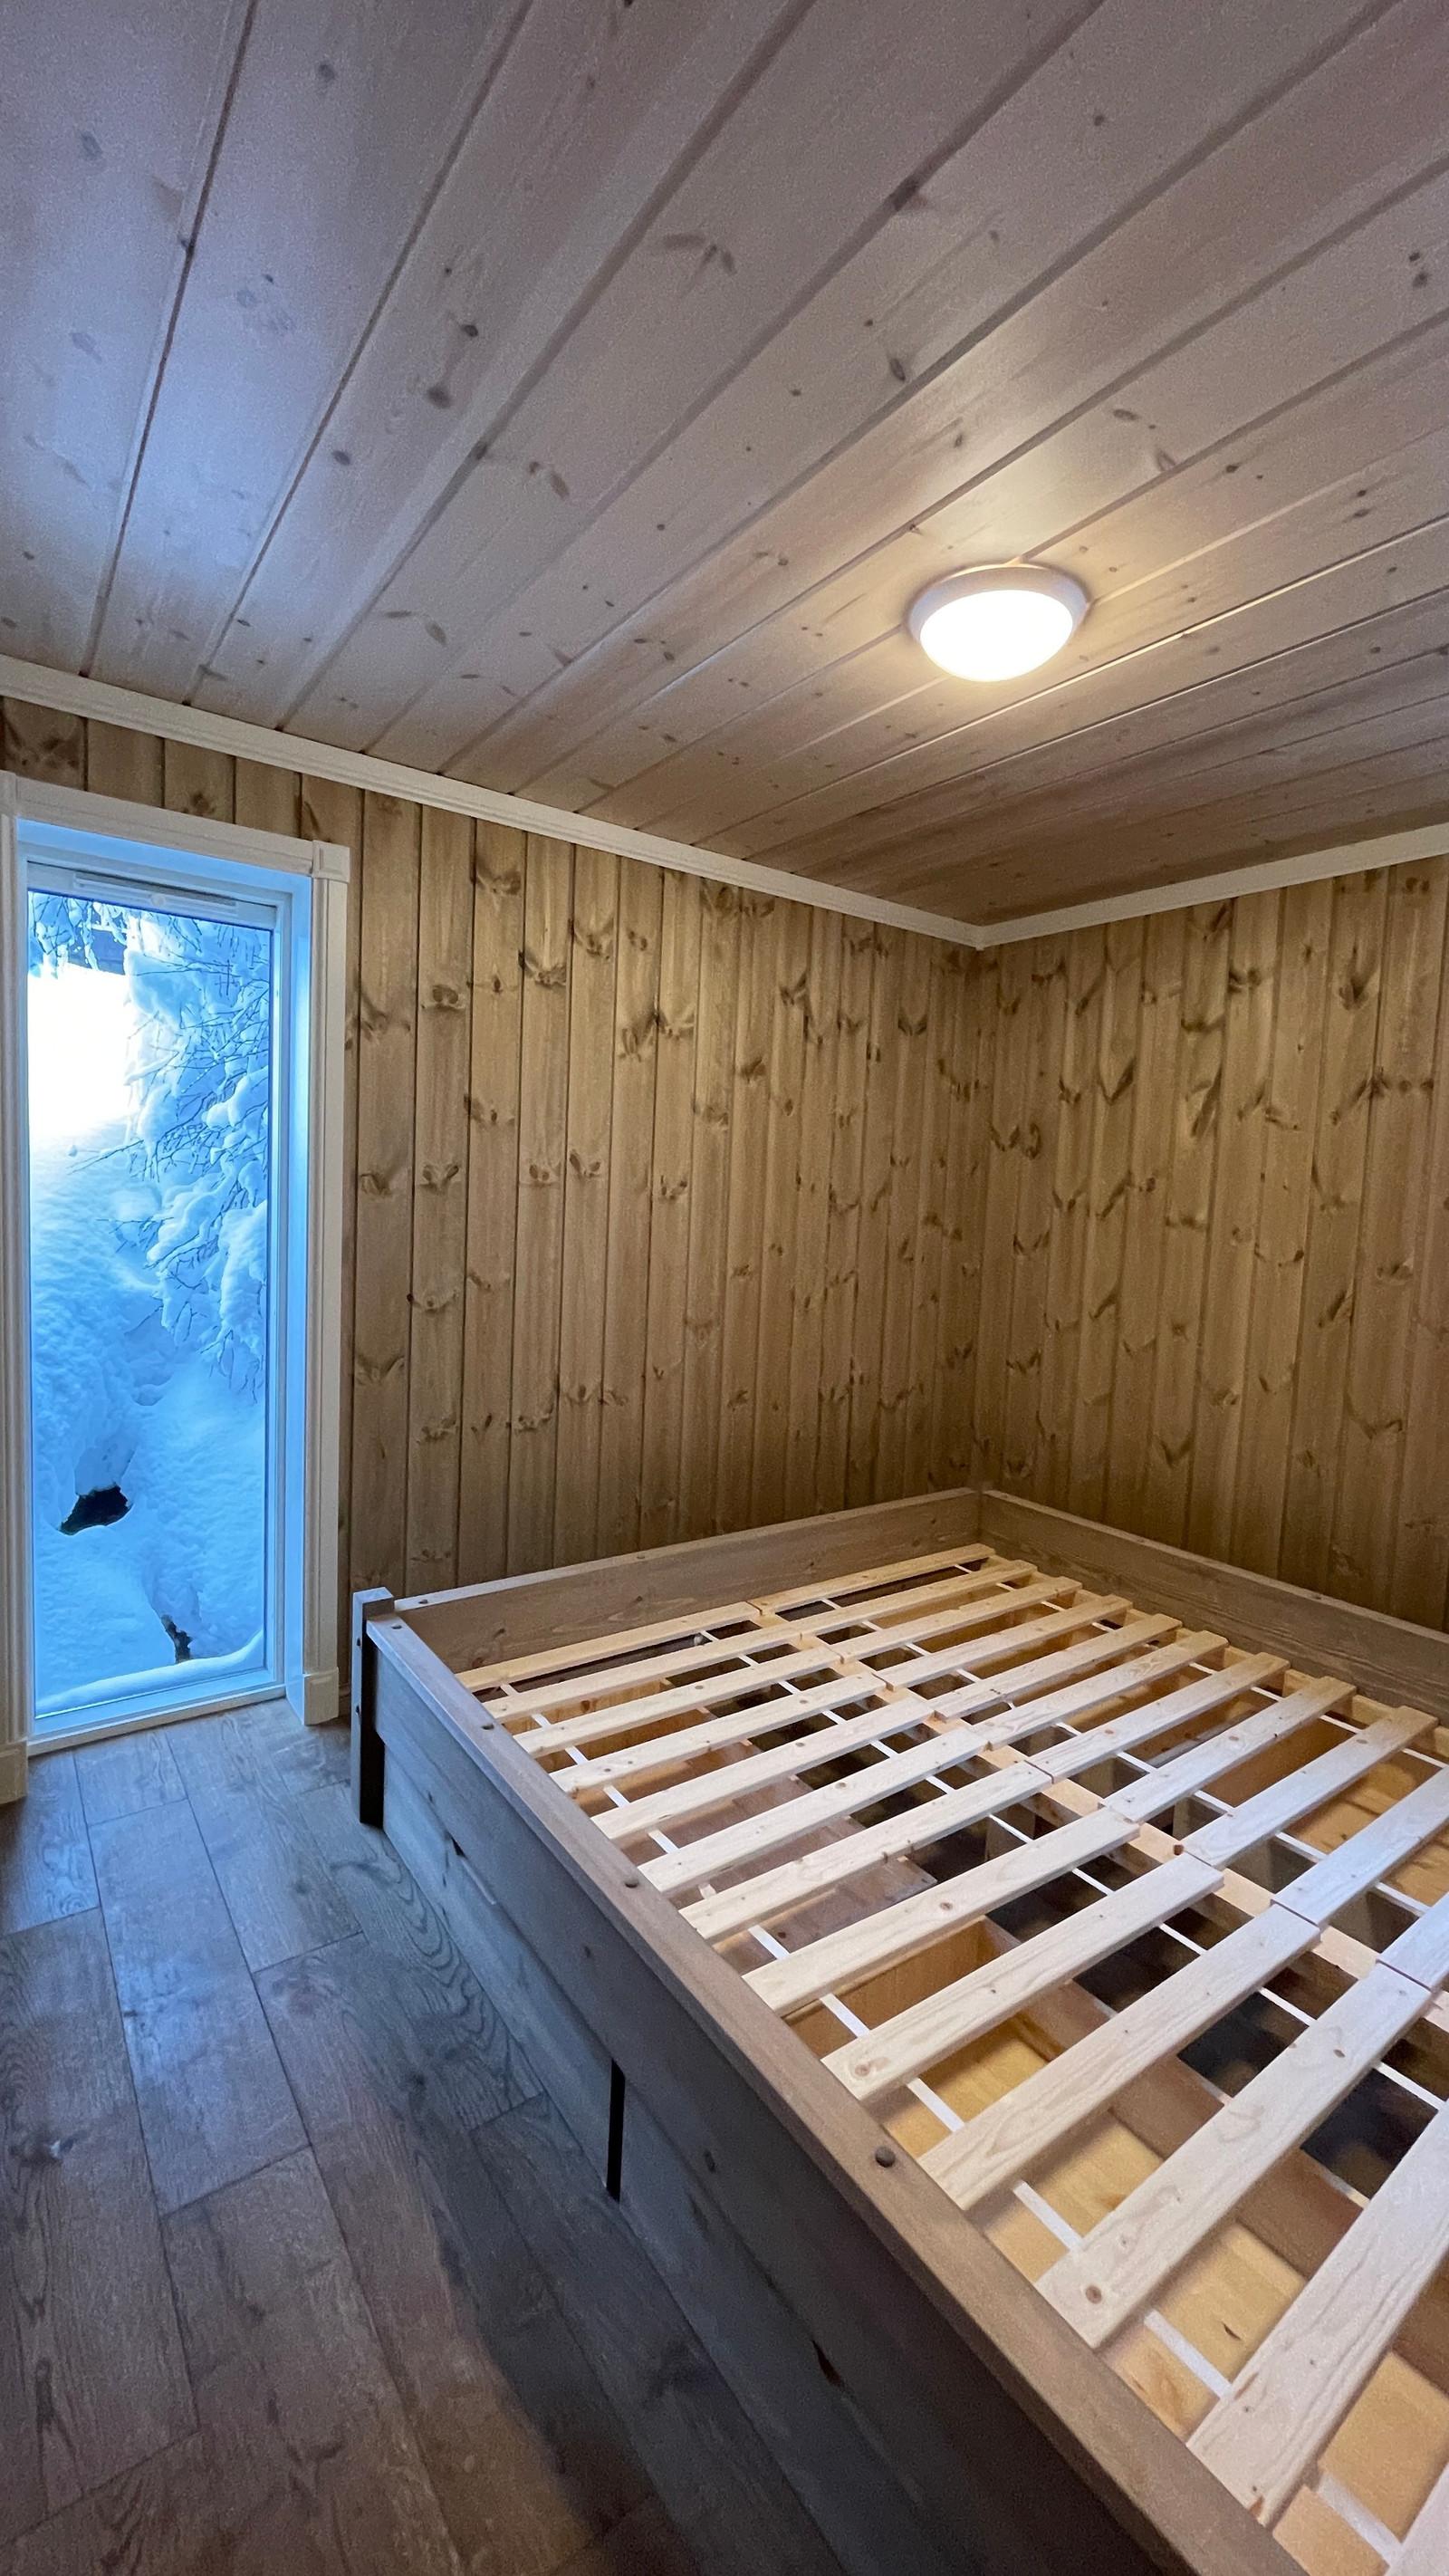 Sov 1. plass bygget senger.